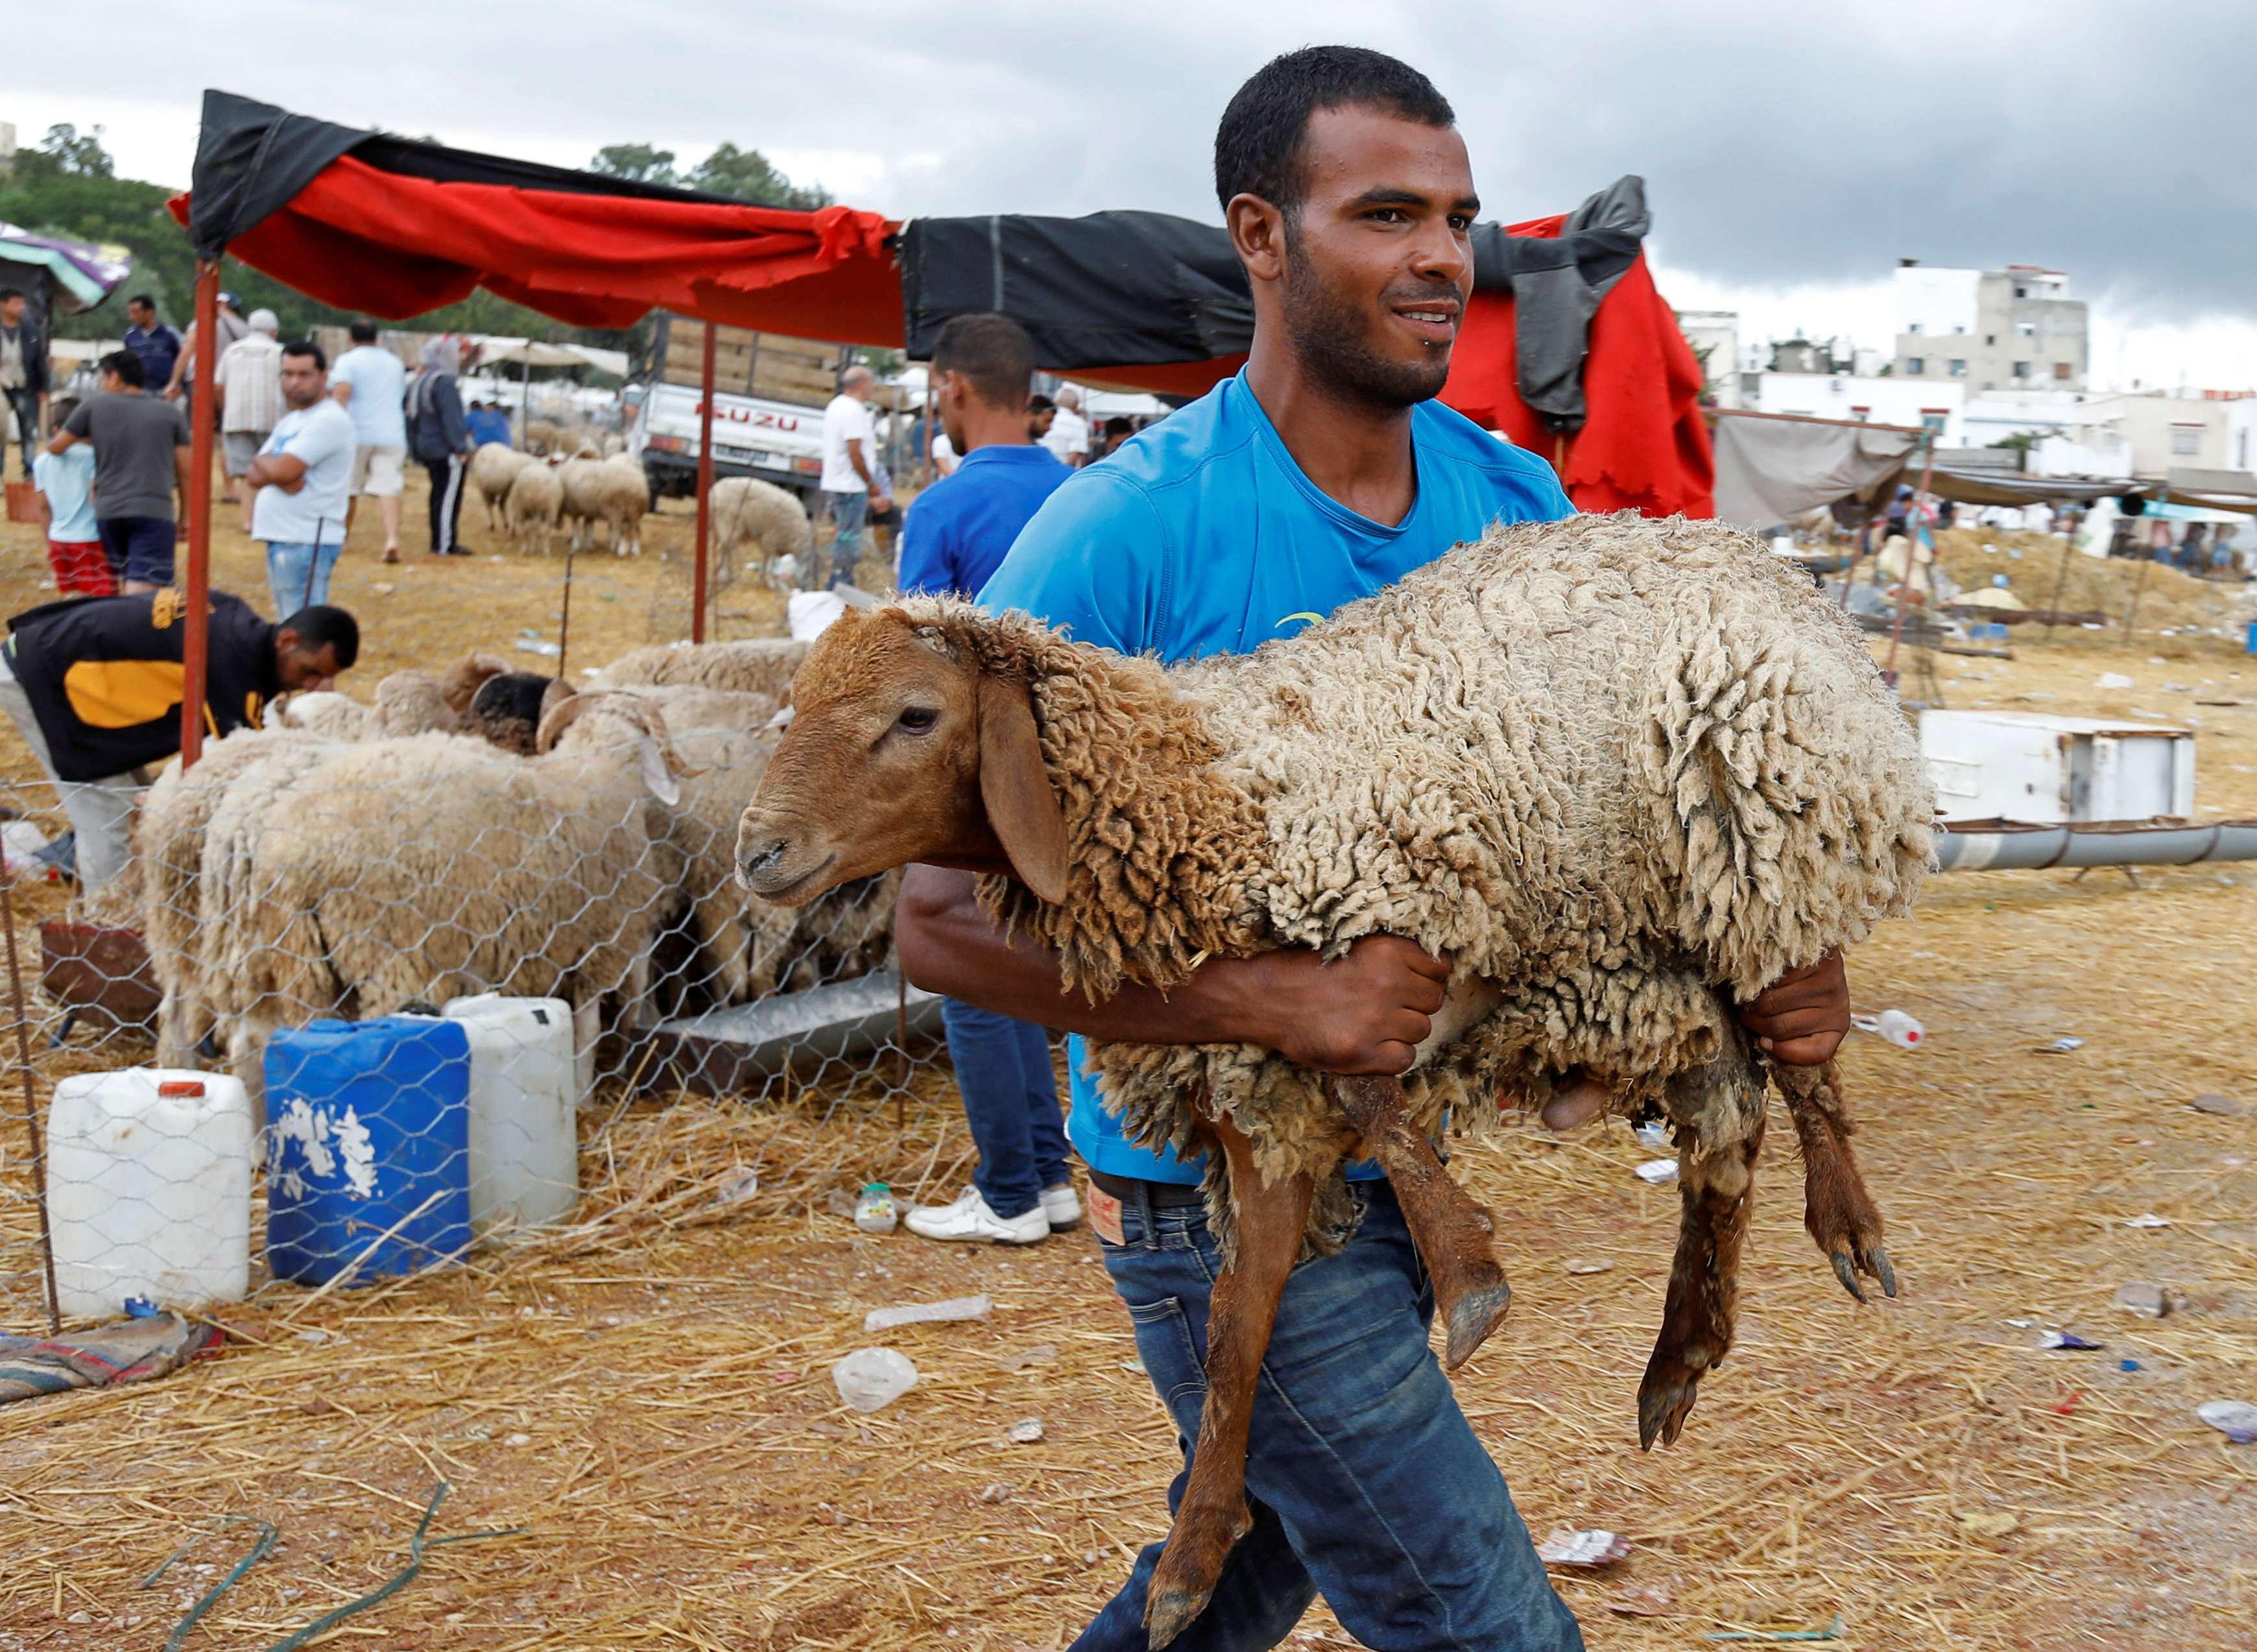 20180819175737reup--2018-08-19t175504z_1569418419_rc1f868e4c30_rtrmadp_3_religion-eid-tunisia.h